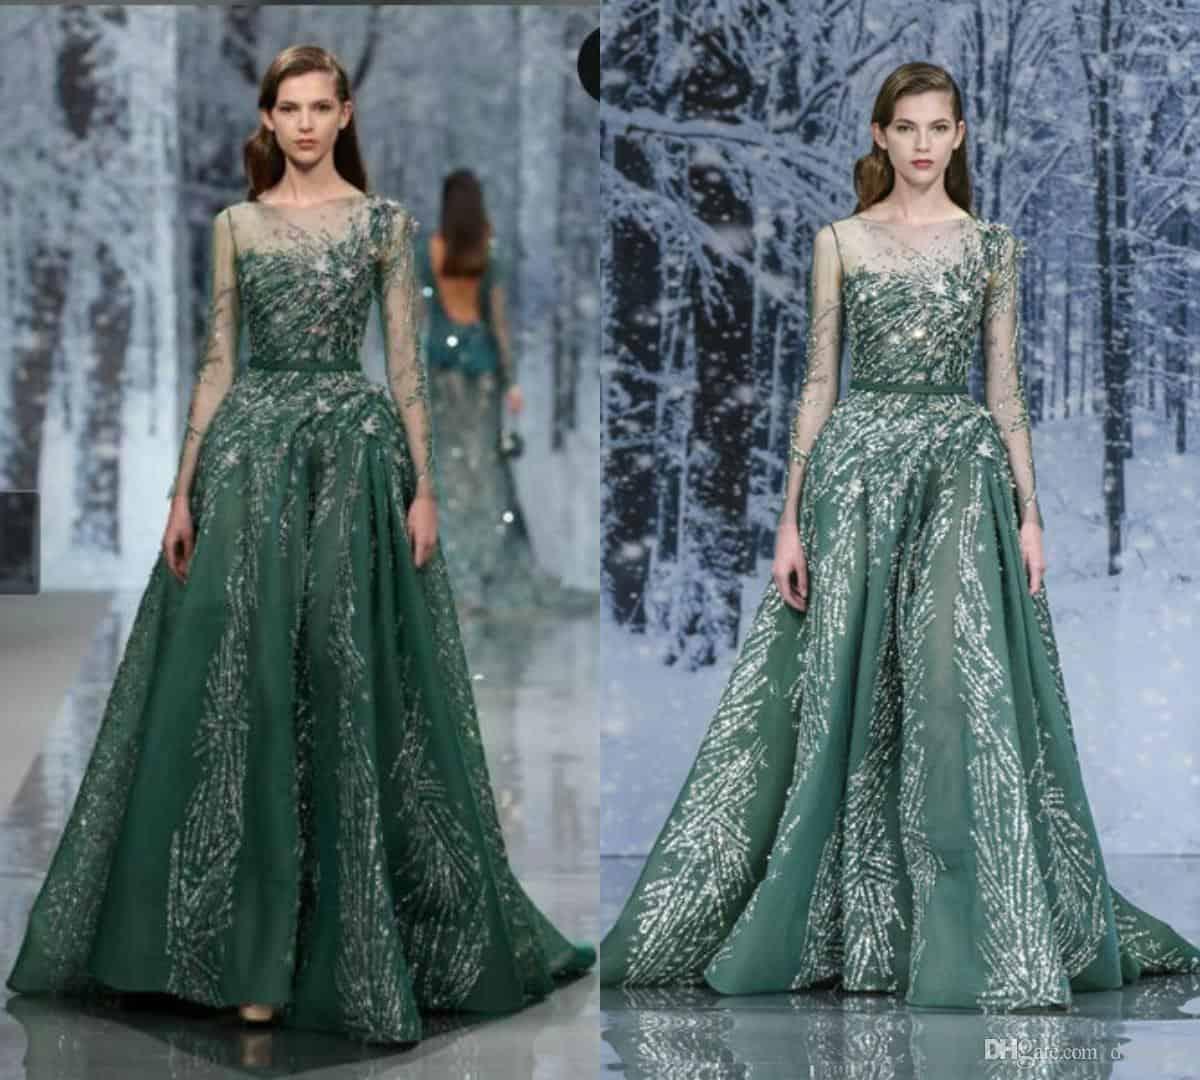 ملابس بنات عرض ازياء فستان سهرة صور فساتين سهره صور ملابس 2020 21